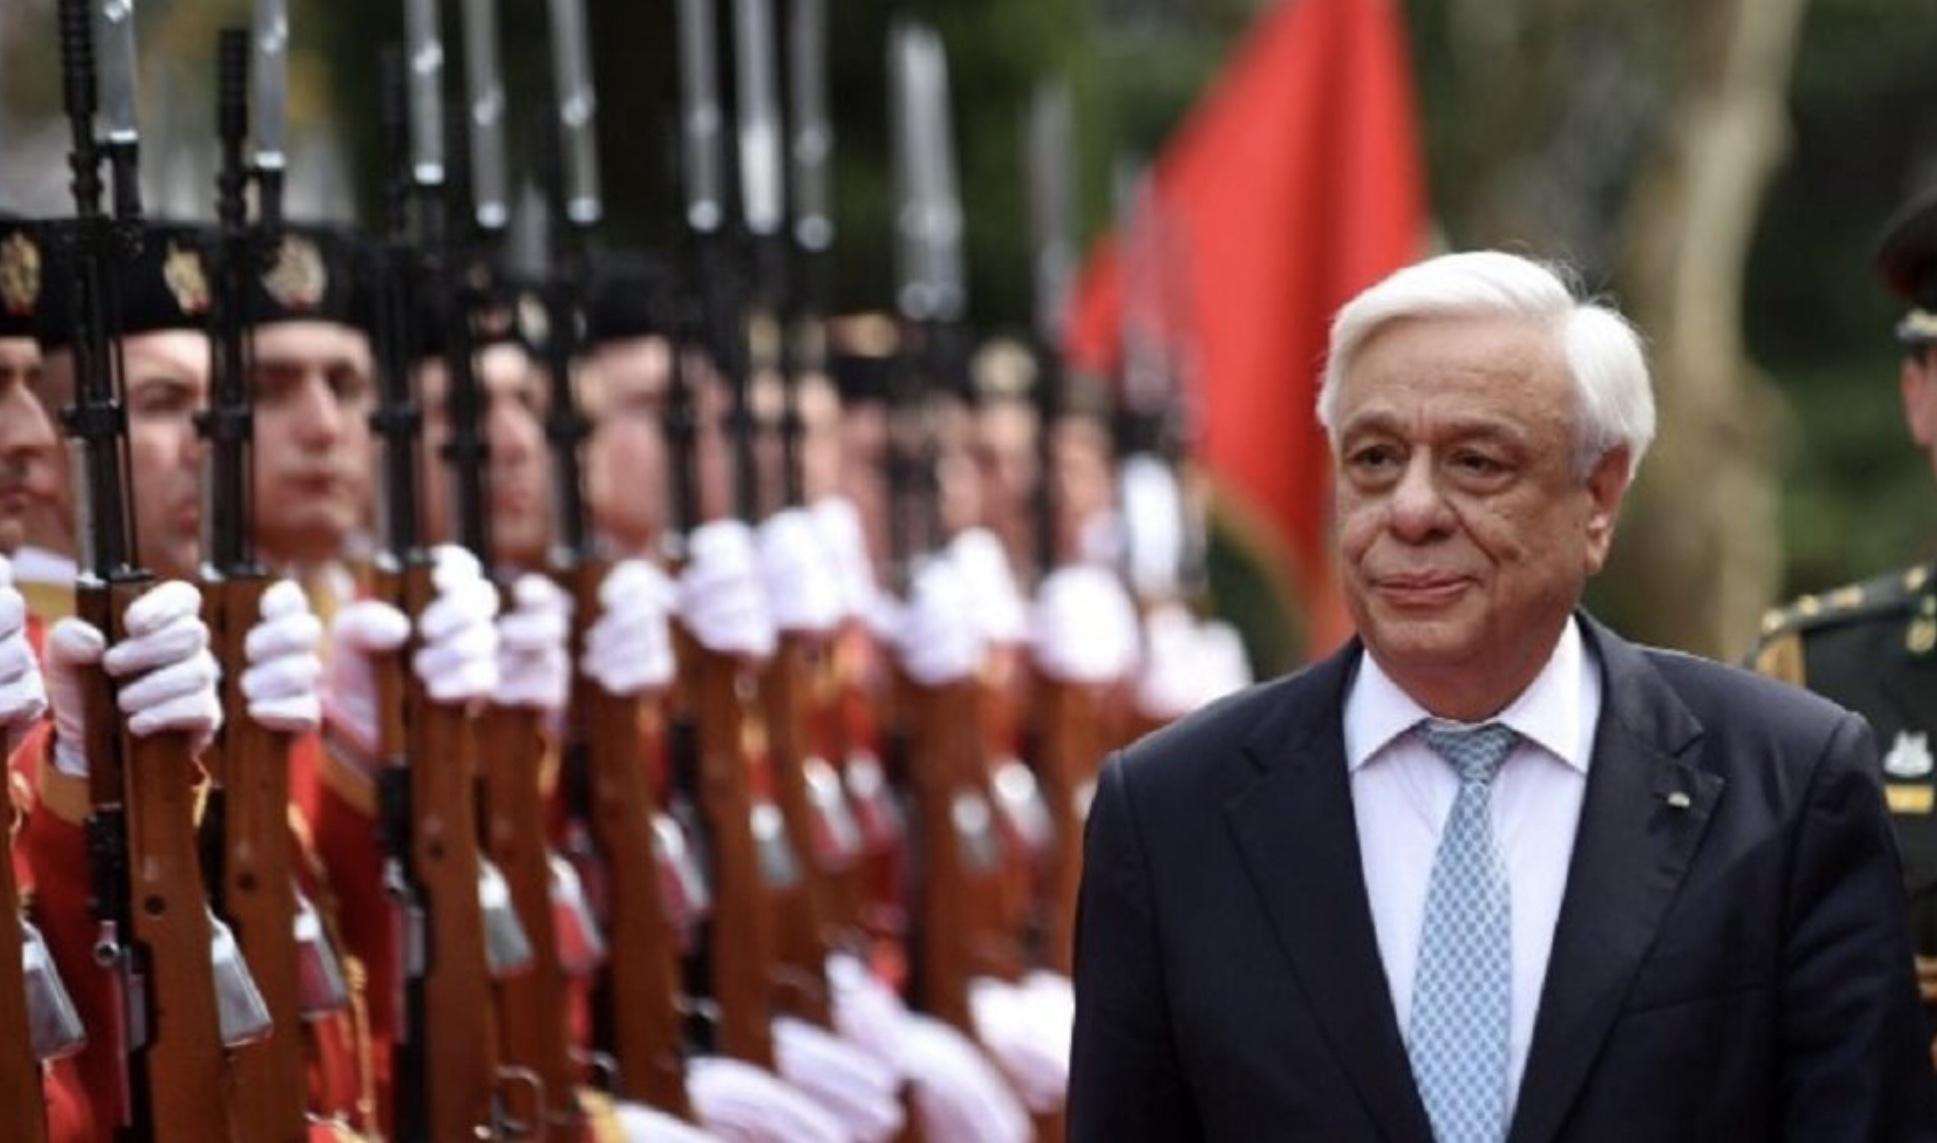 Προκόπης Παυλόπουλος Πρόεδρος της Δημοκρατίας : Άκυρο και θεσμικά ανυπόστατο το μνημόνιο Τουρκίας – Λιβύης